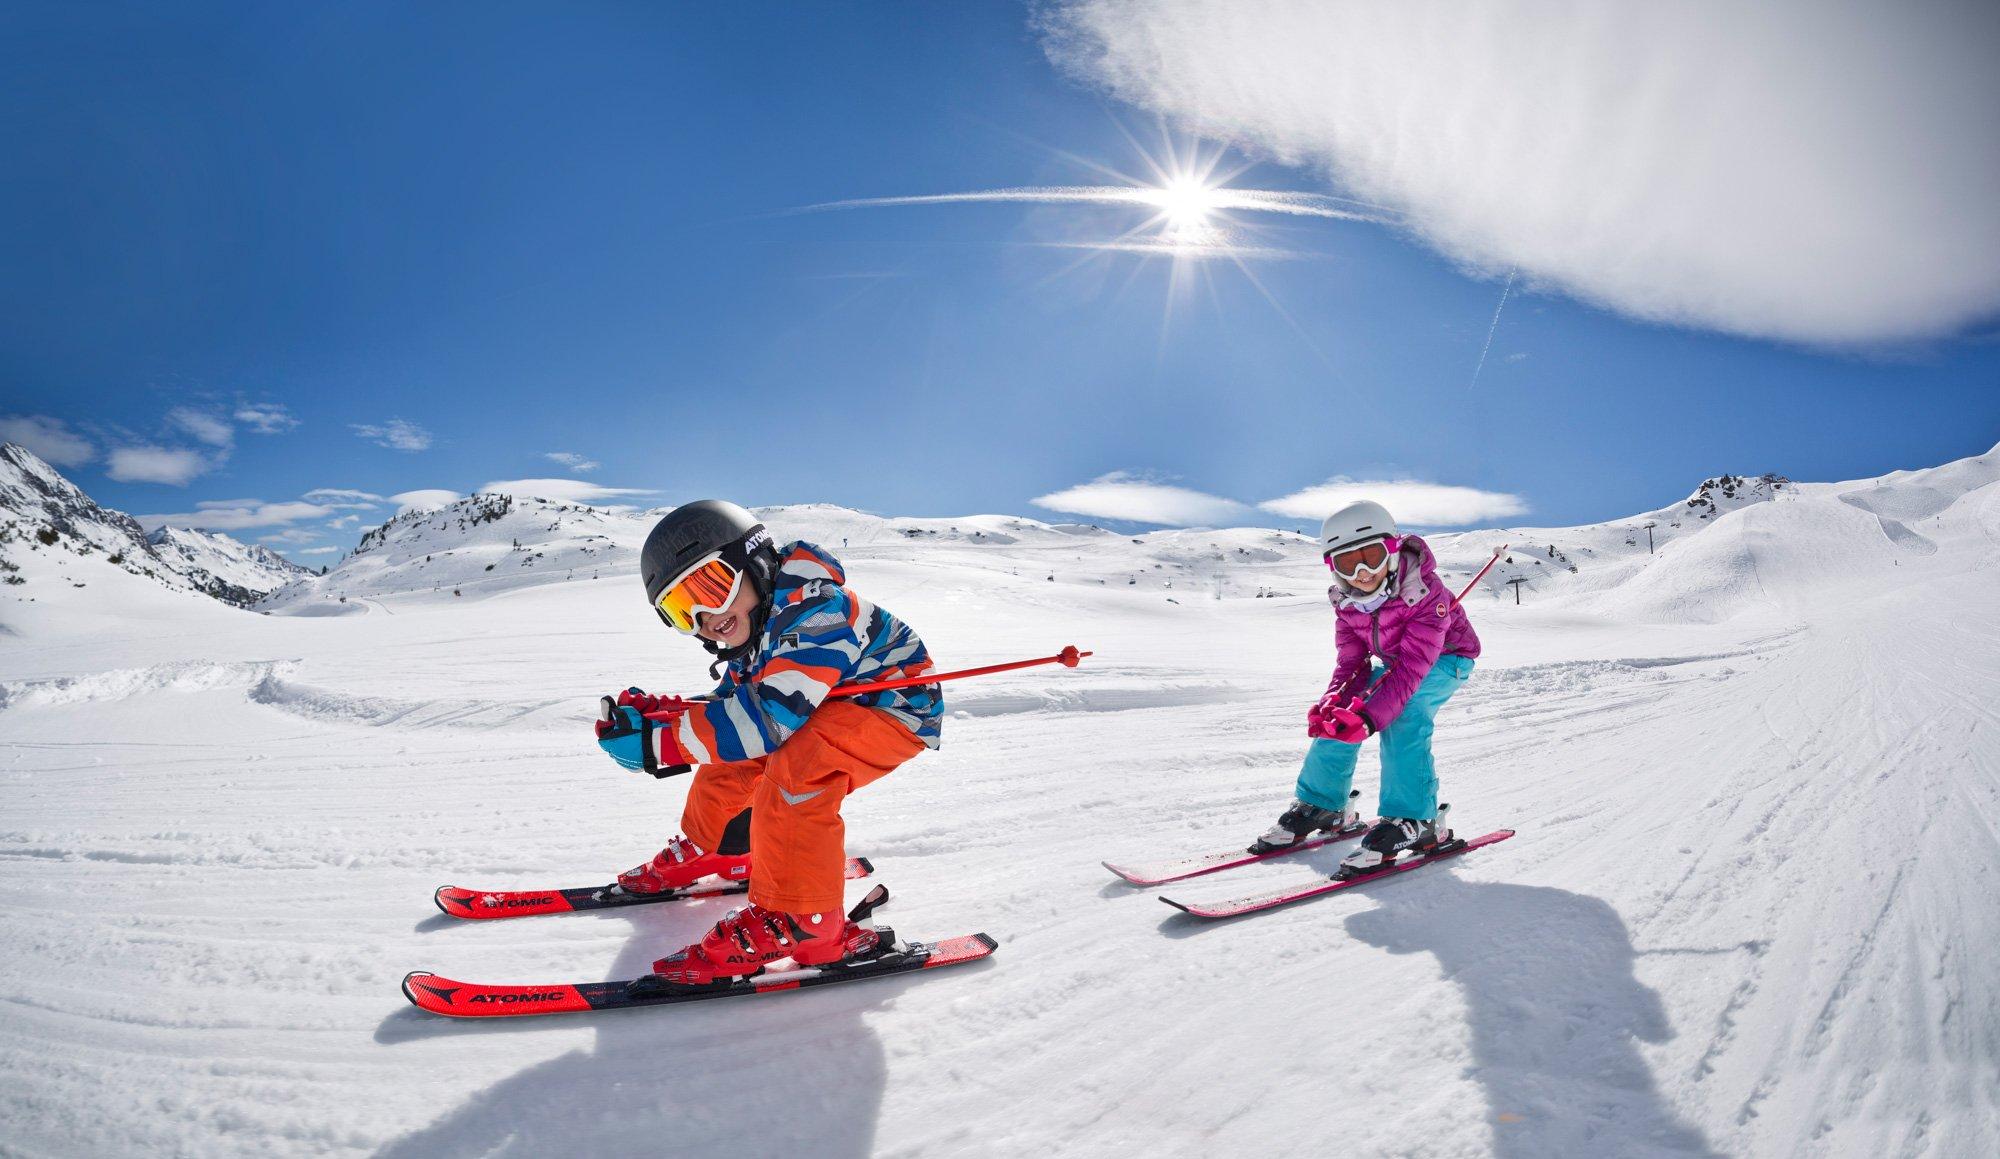 Zwei Kinder mit ATOMIC Ski beim Skifahren auf einer sonnigen Piste.